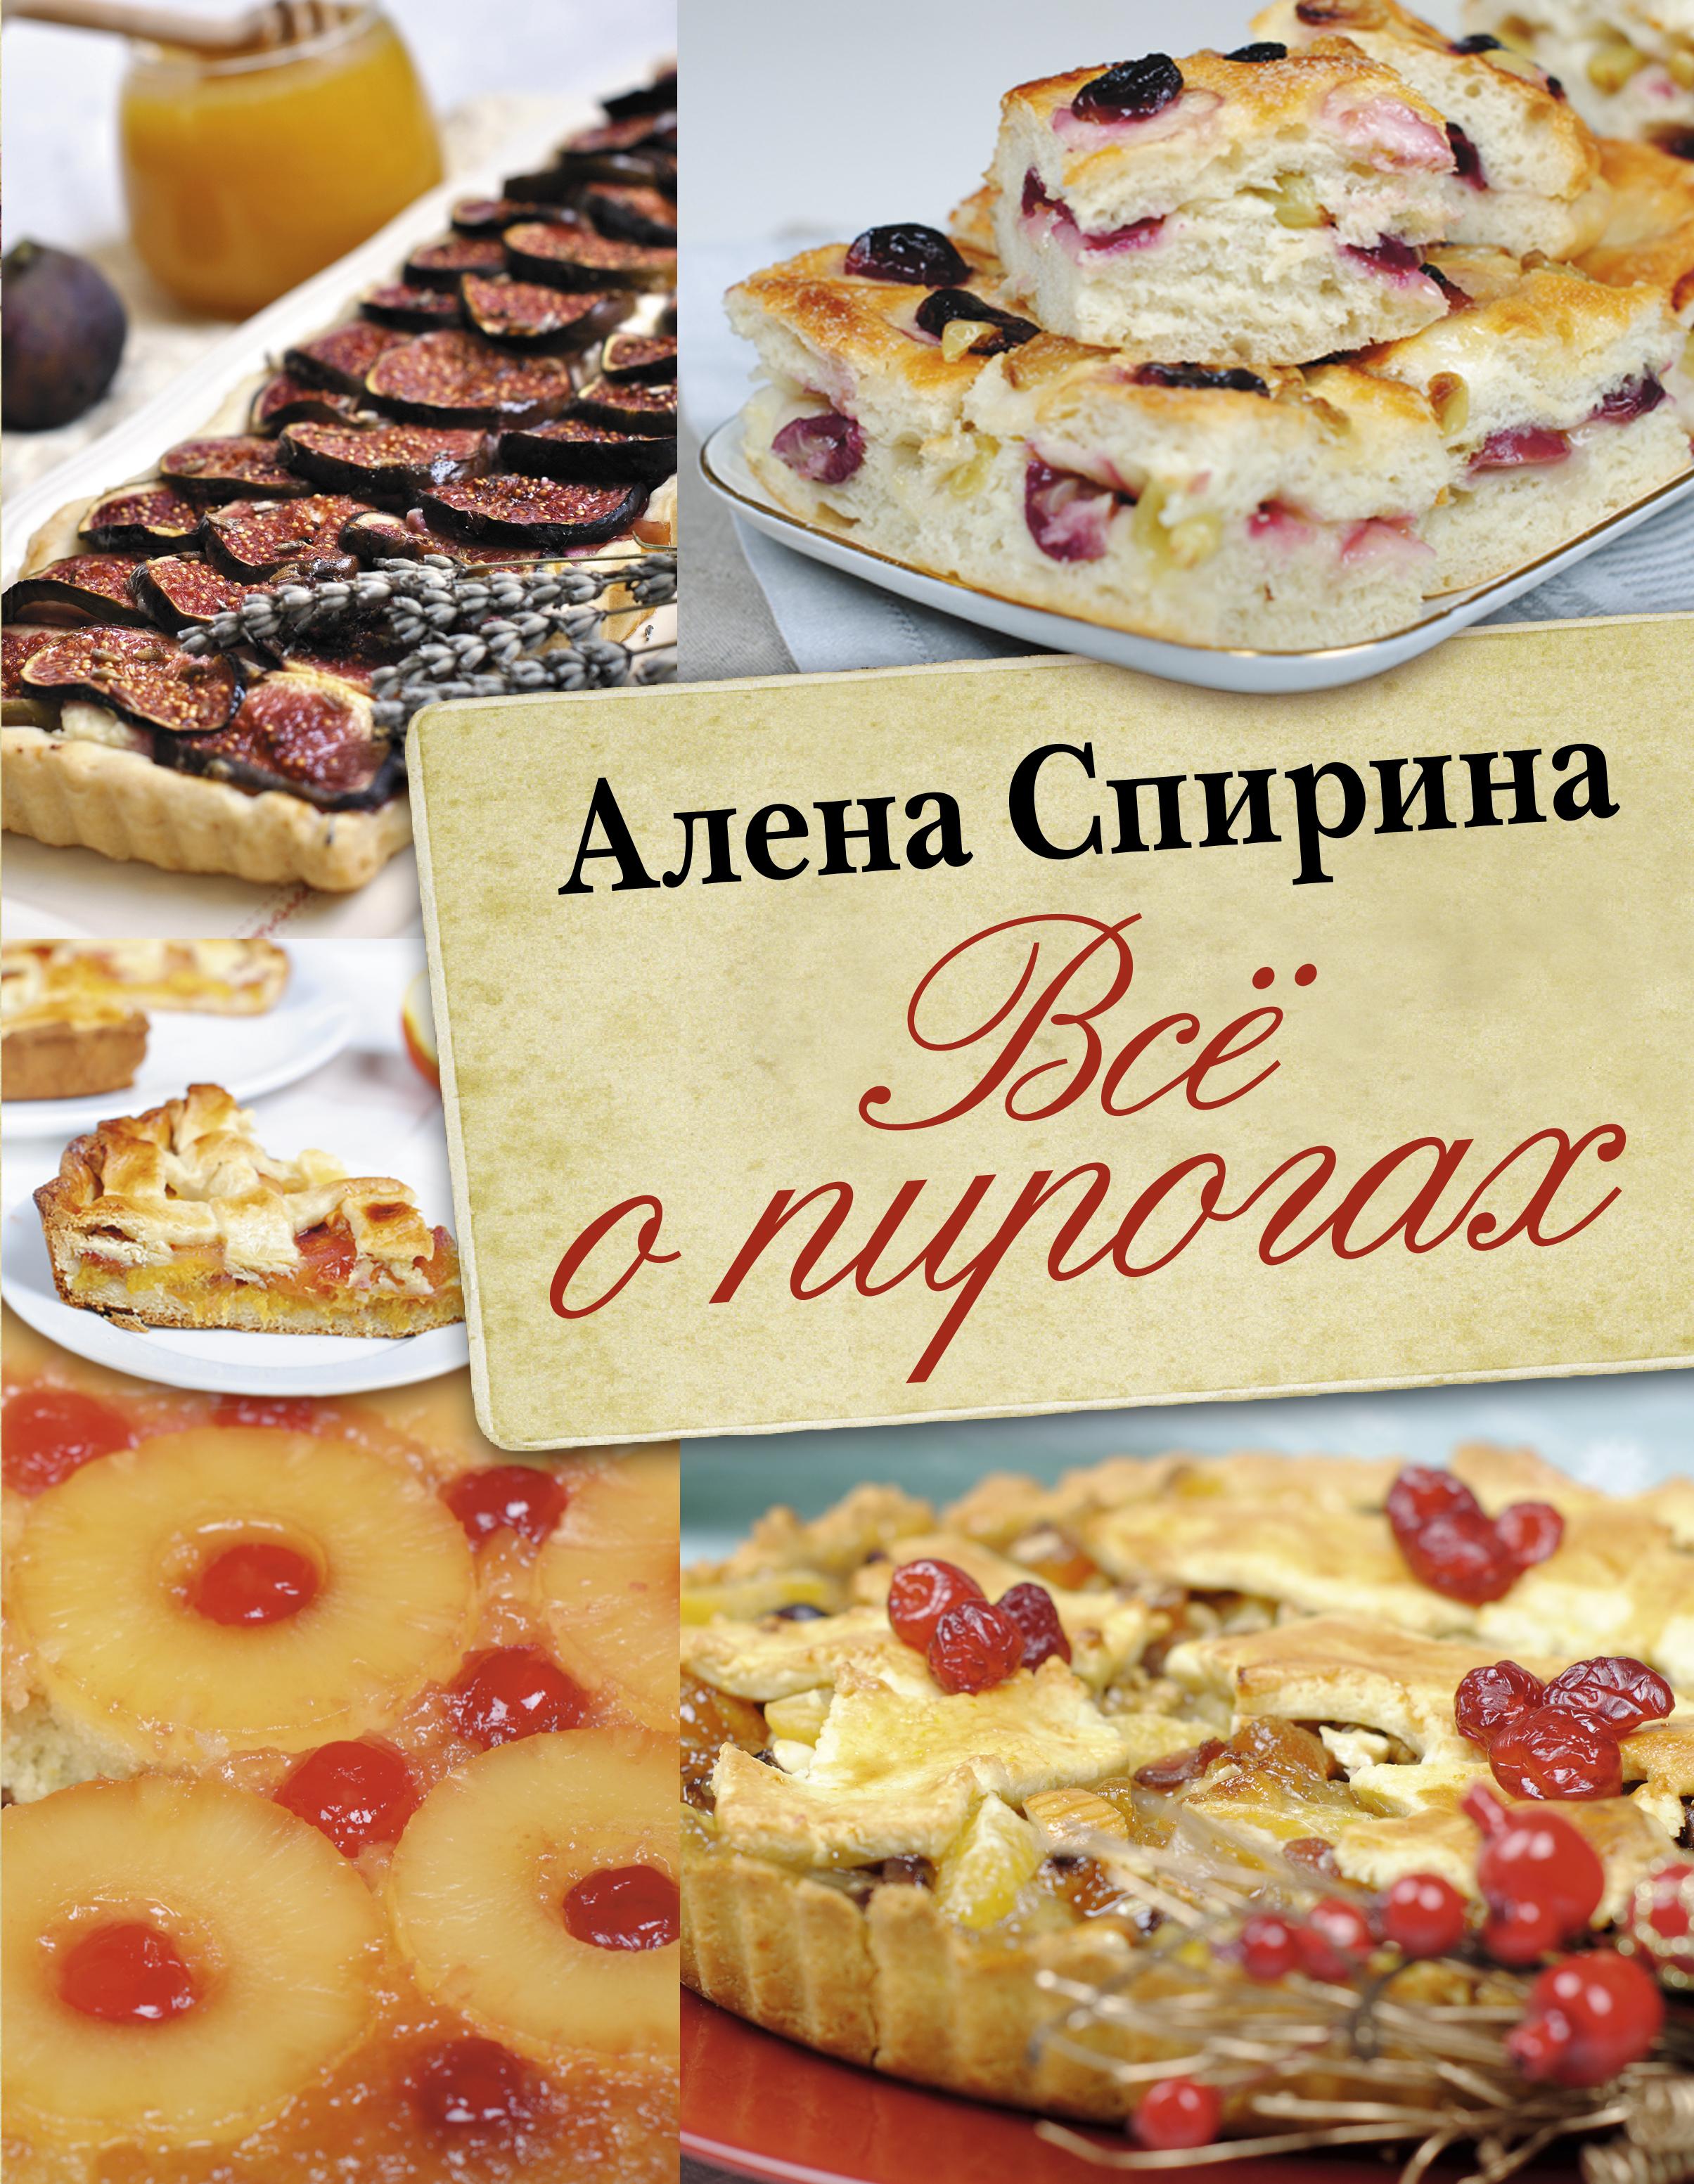 Спирина Алена Вениаминовна Всё о пирогах что можно купить в каире